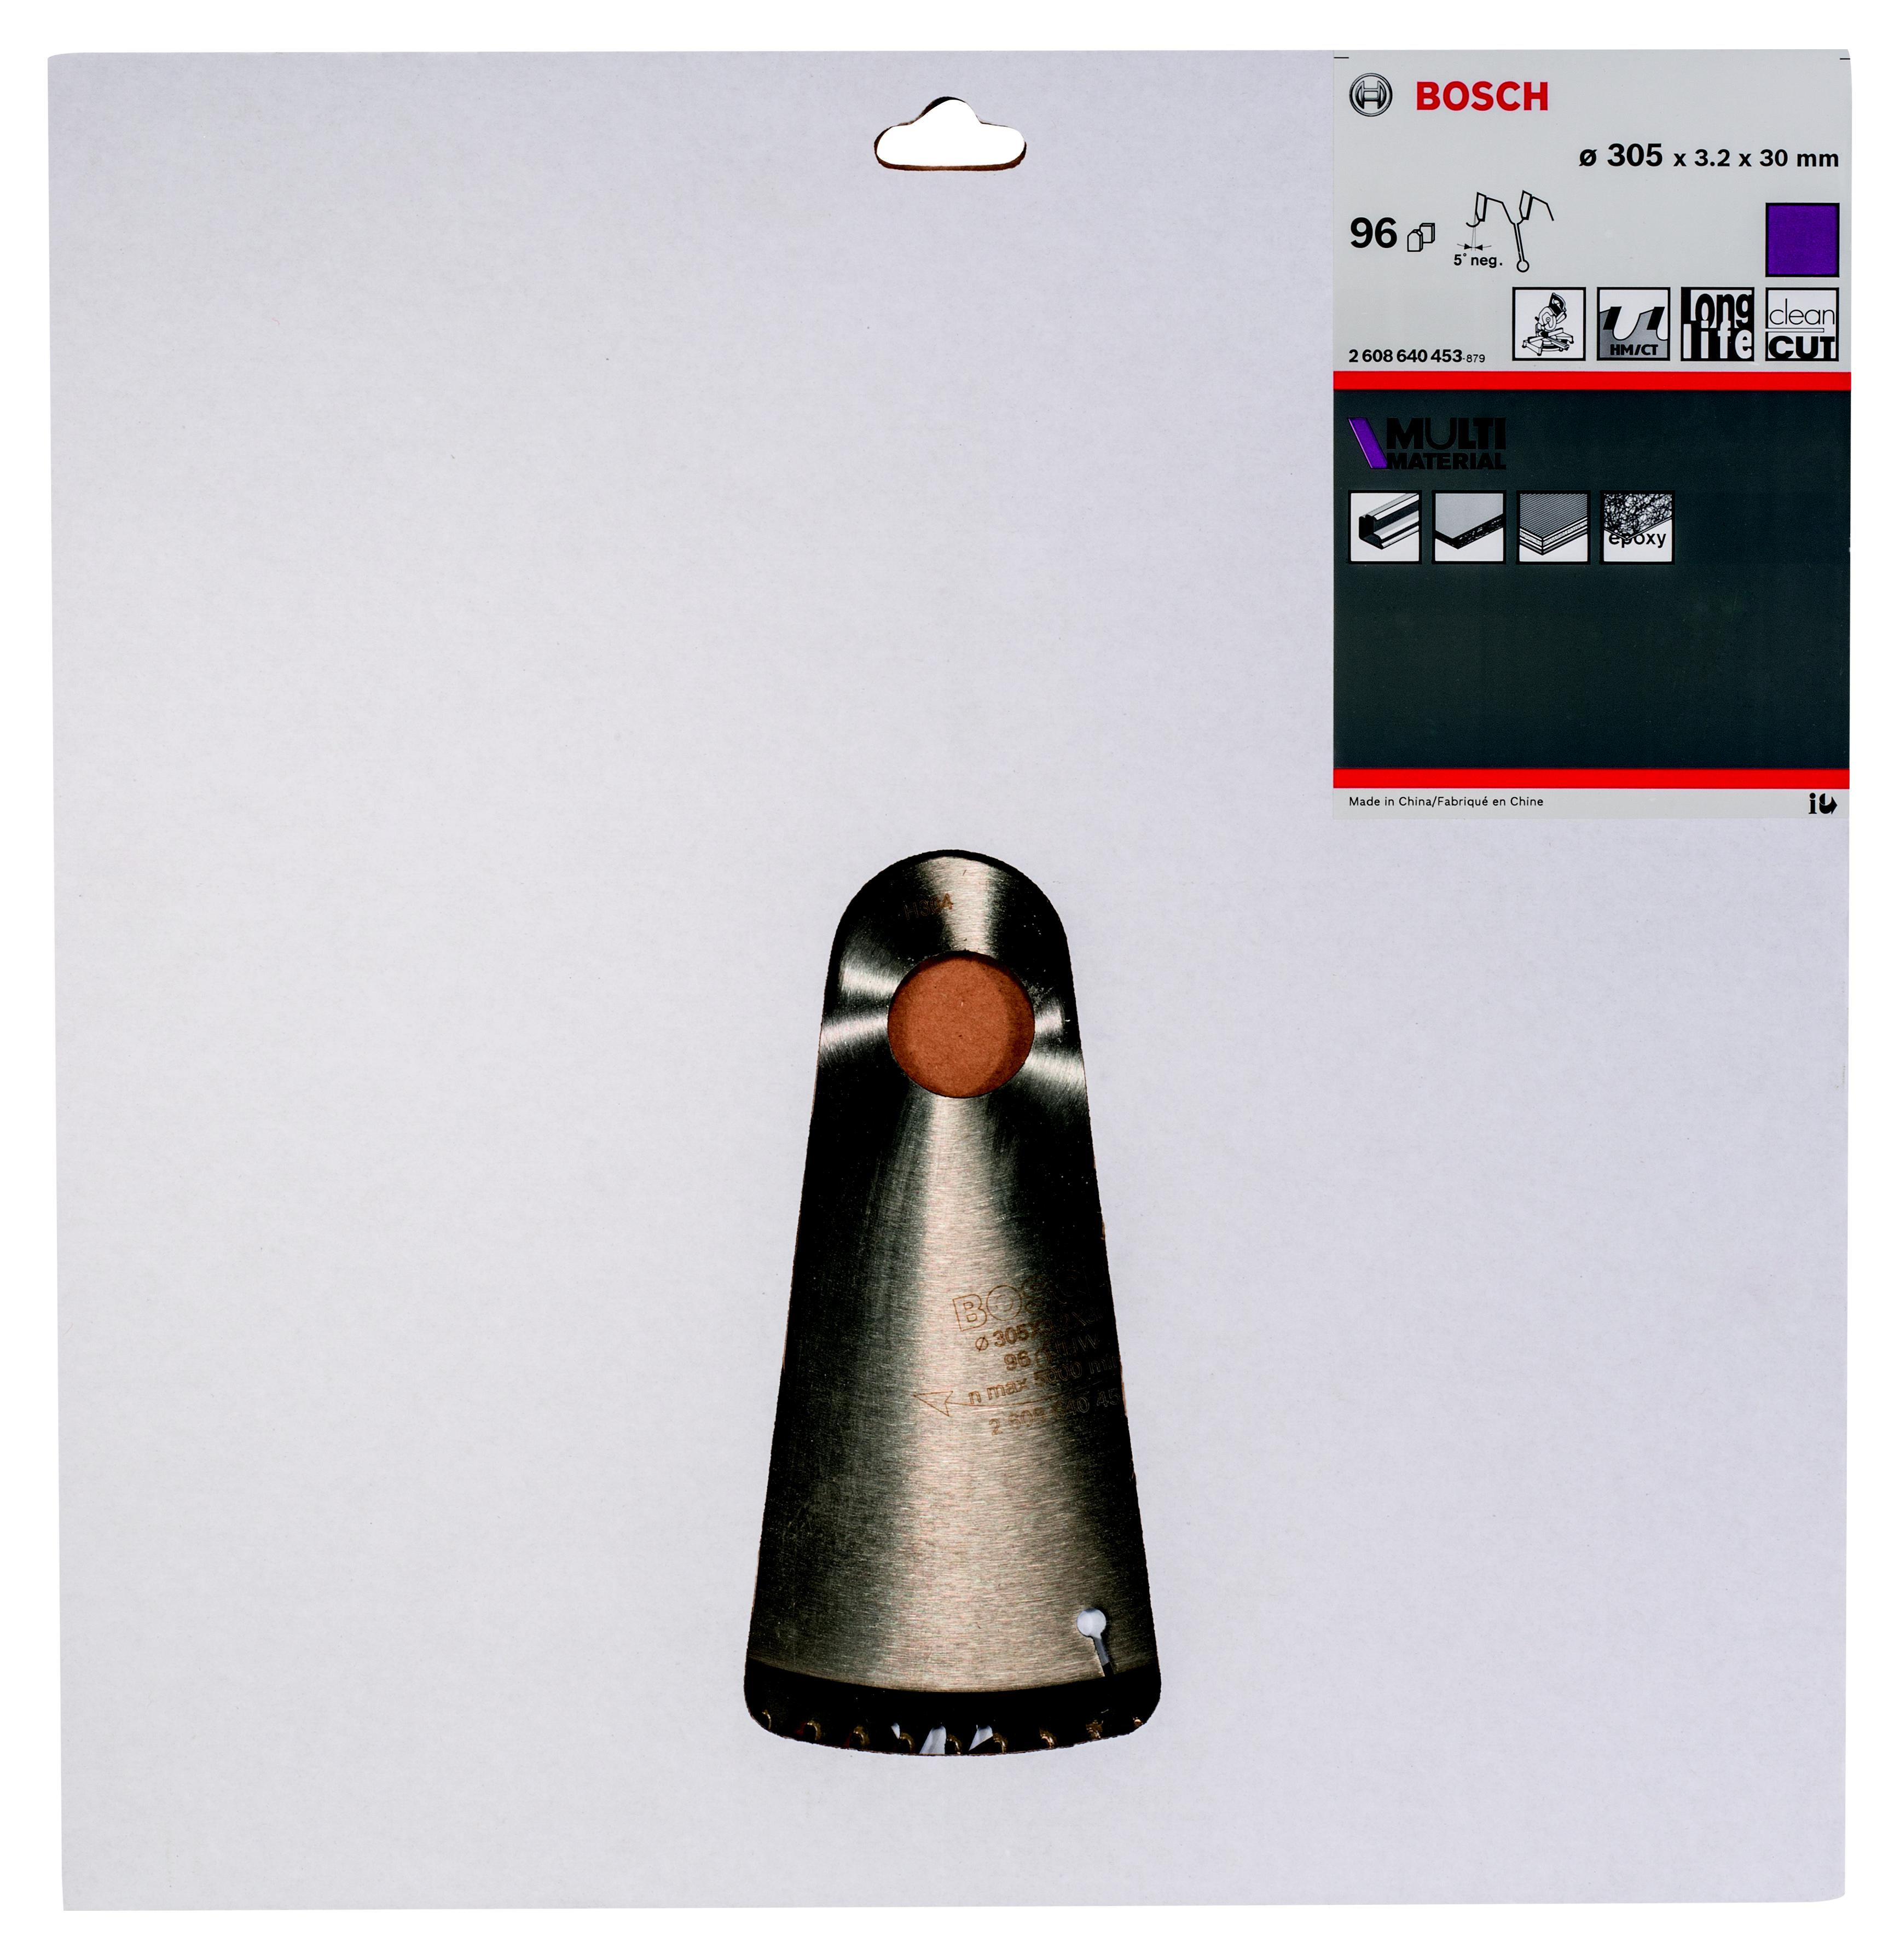 Диск пильный твердосплавный Bosch Multi material 305x96x30 gcm 12 (2.608.640.453)